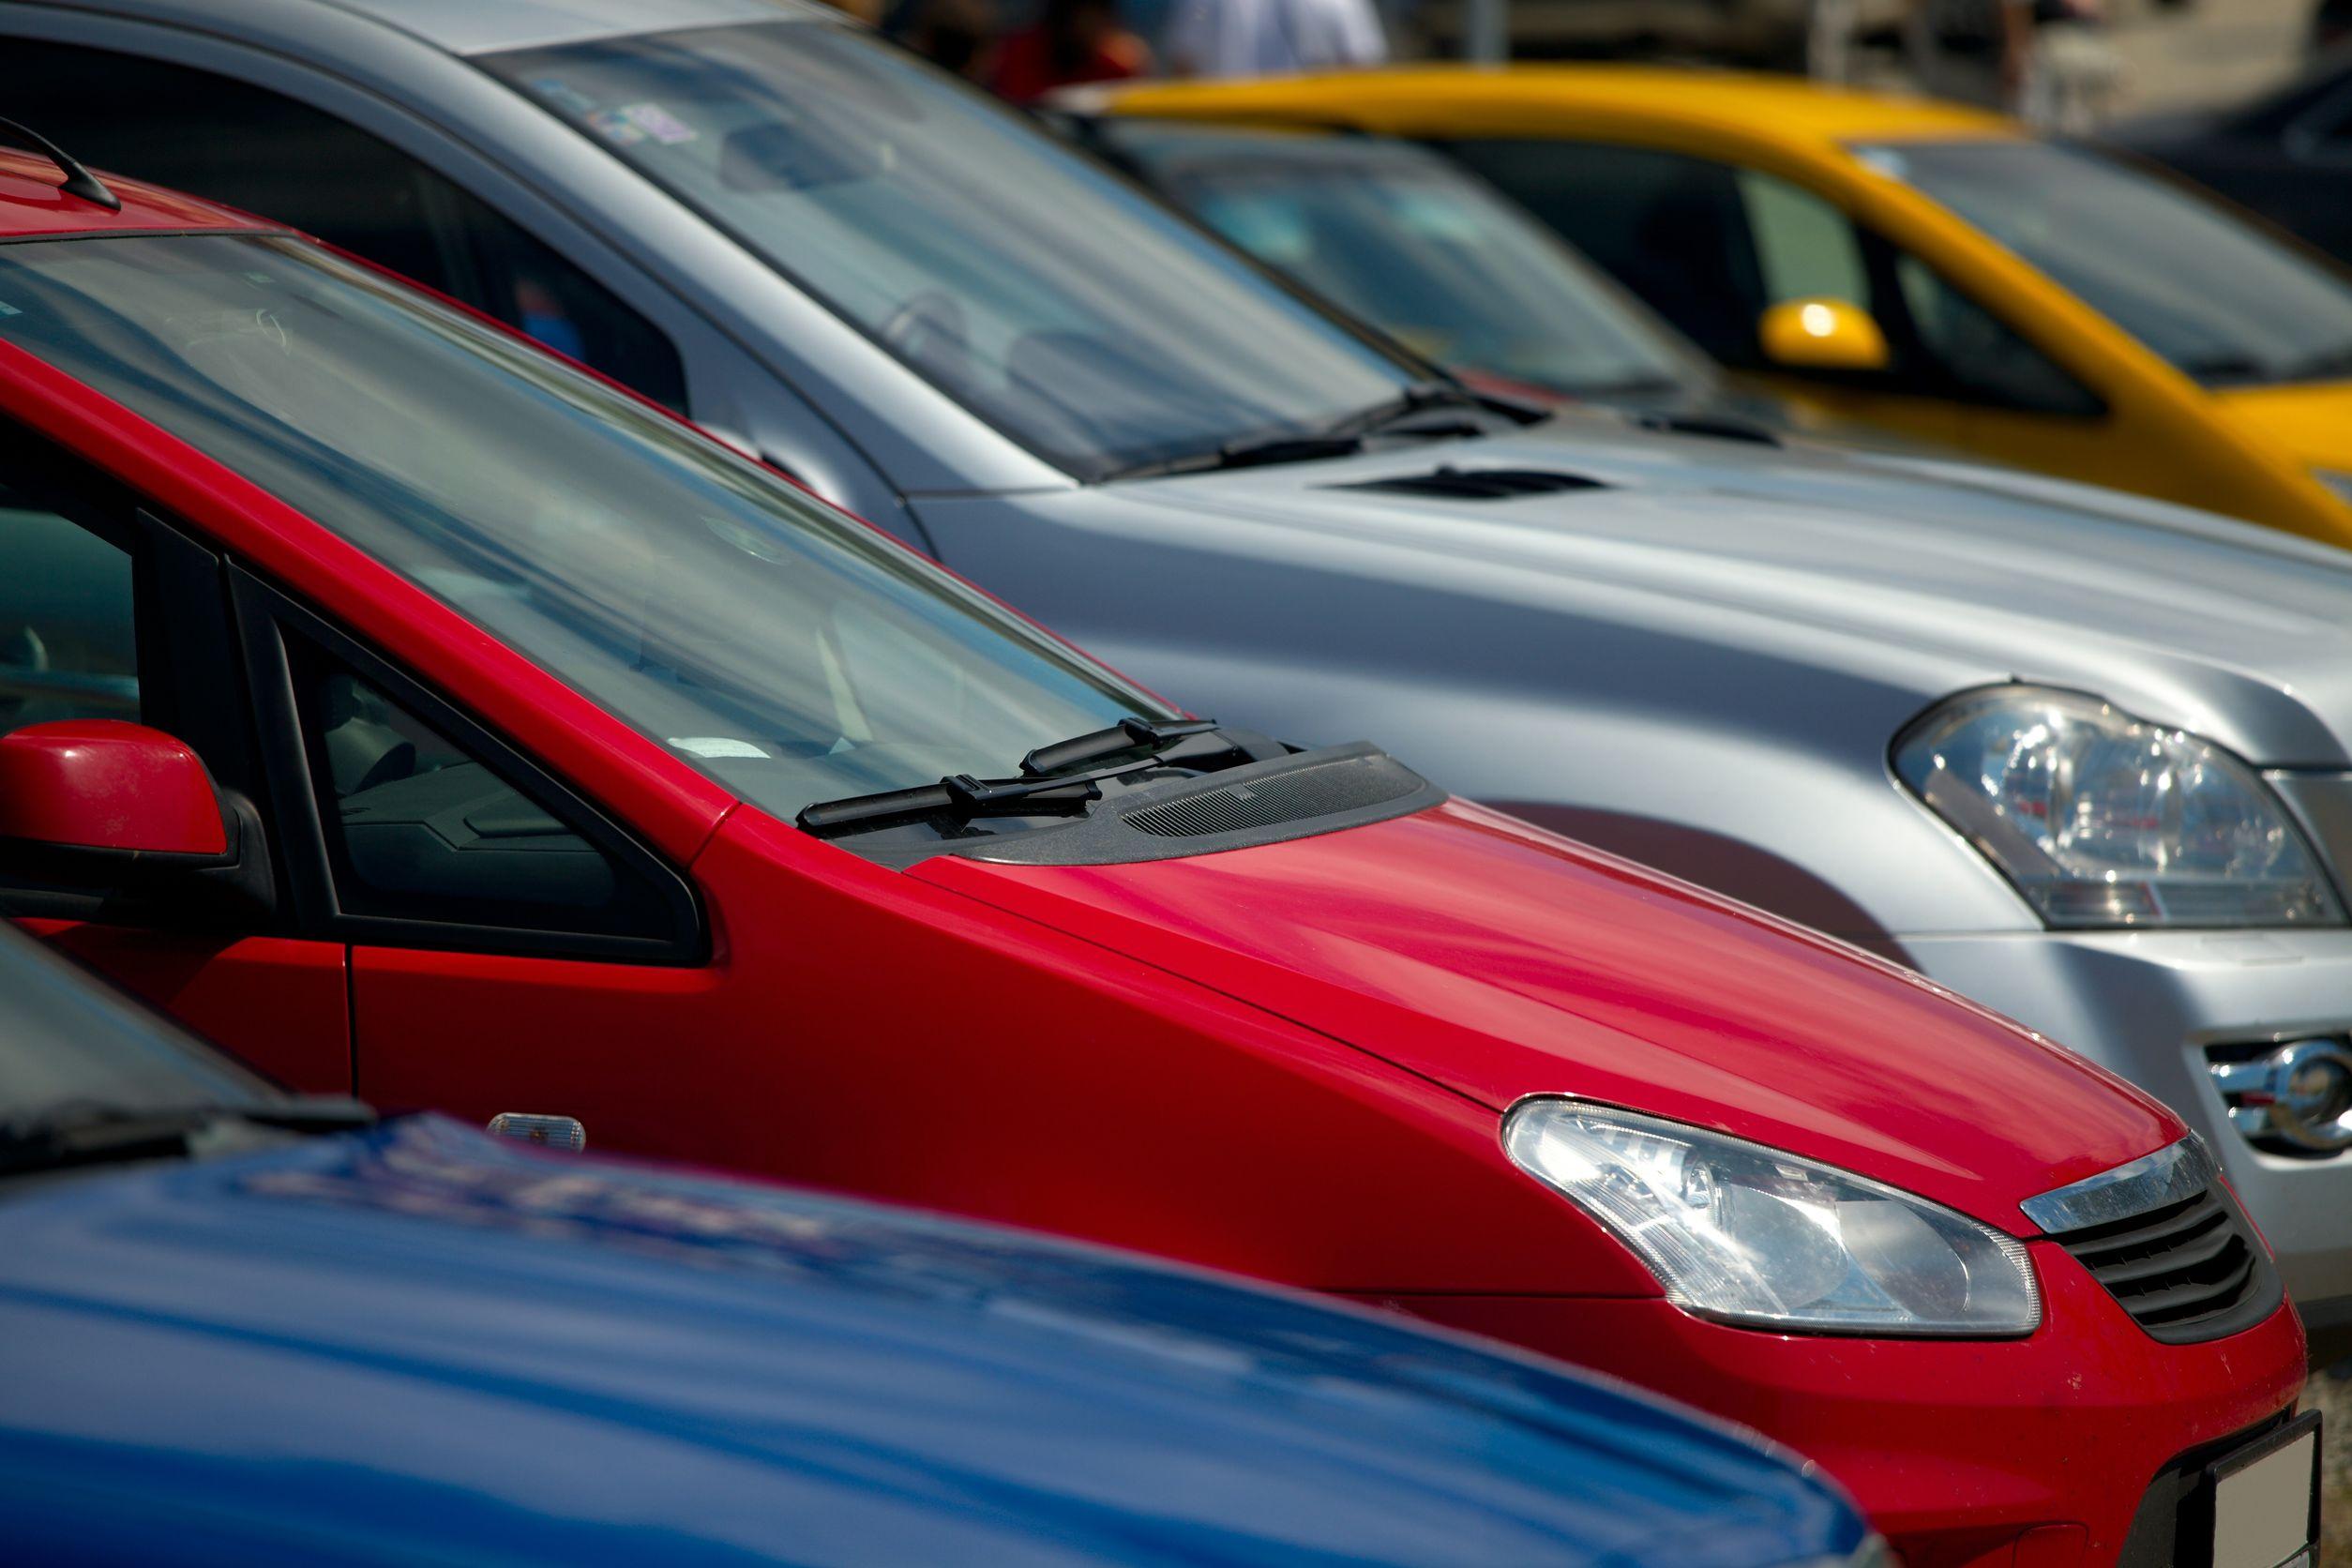 מהי אחריות סוחר בעת מכירת רכב משומש?